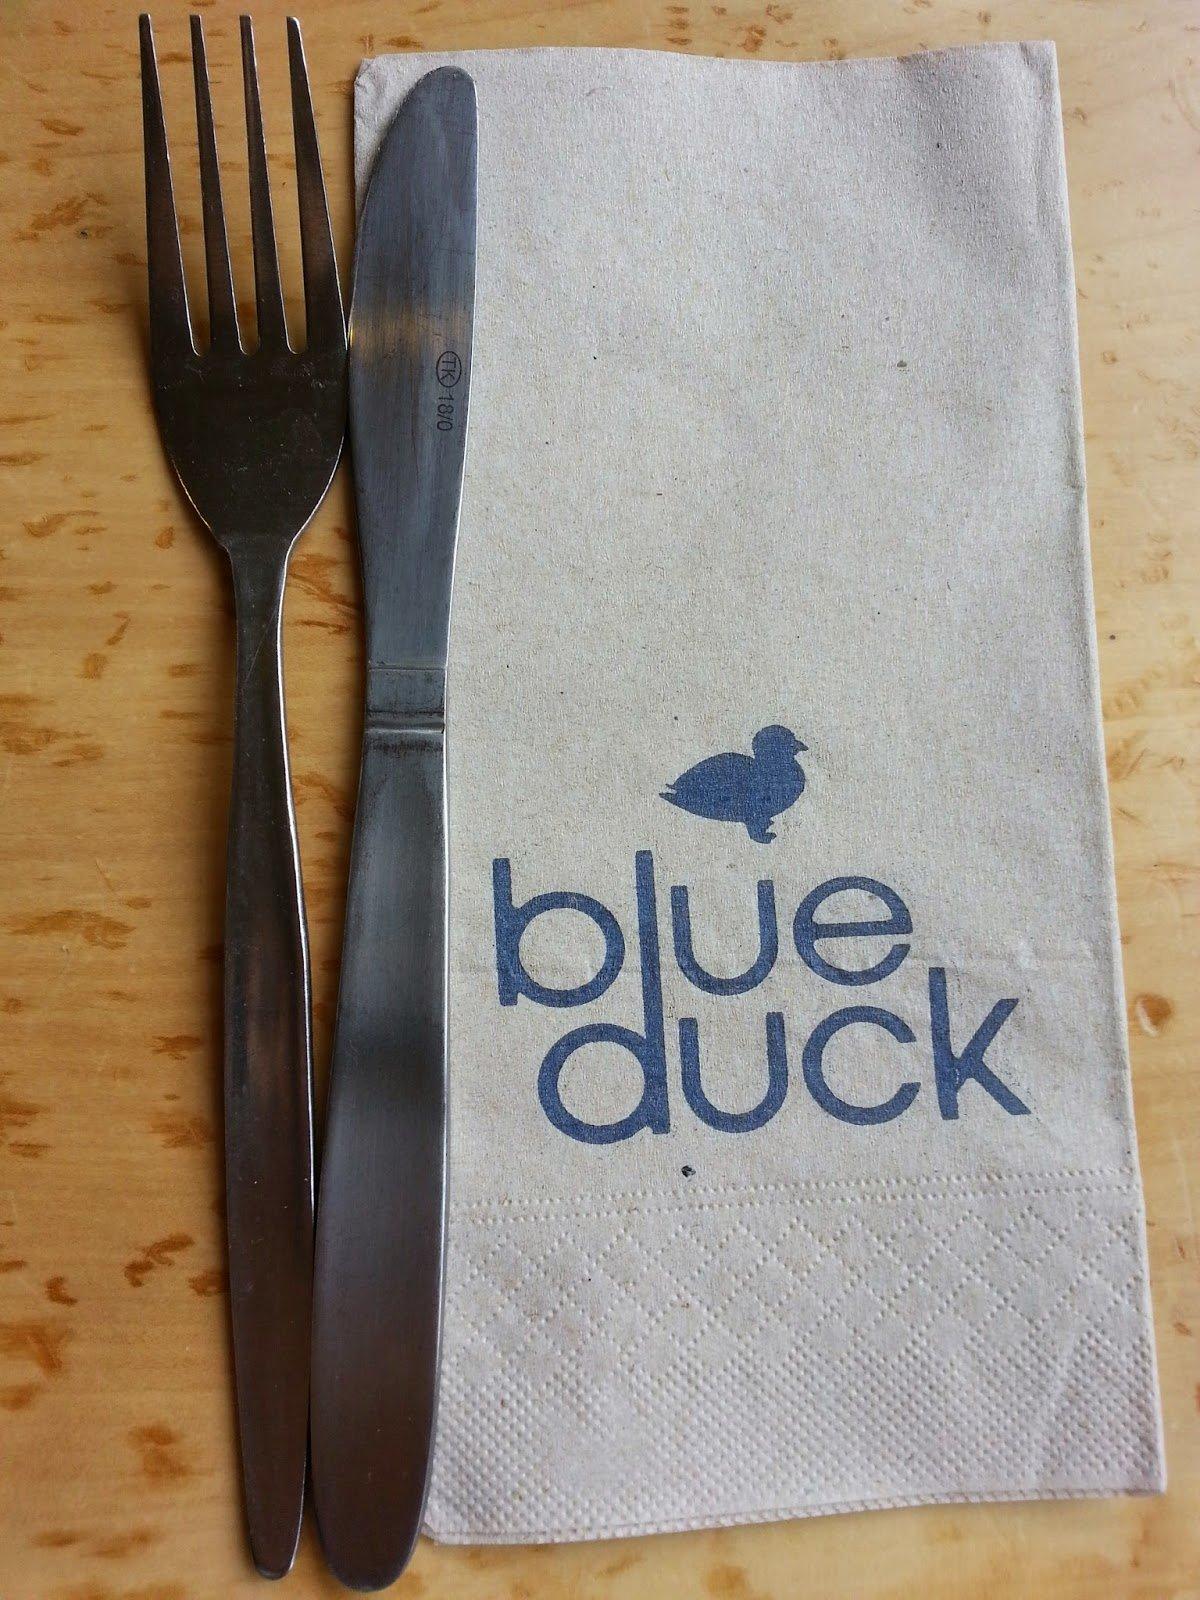 Blue Duck Milford Sound